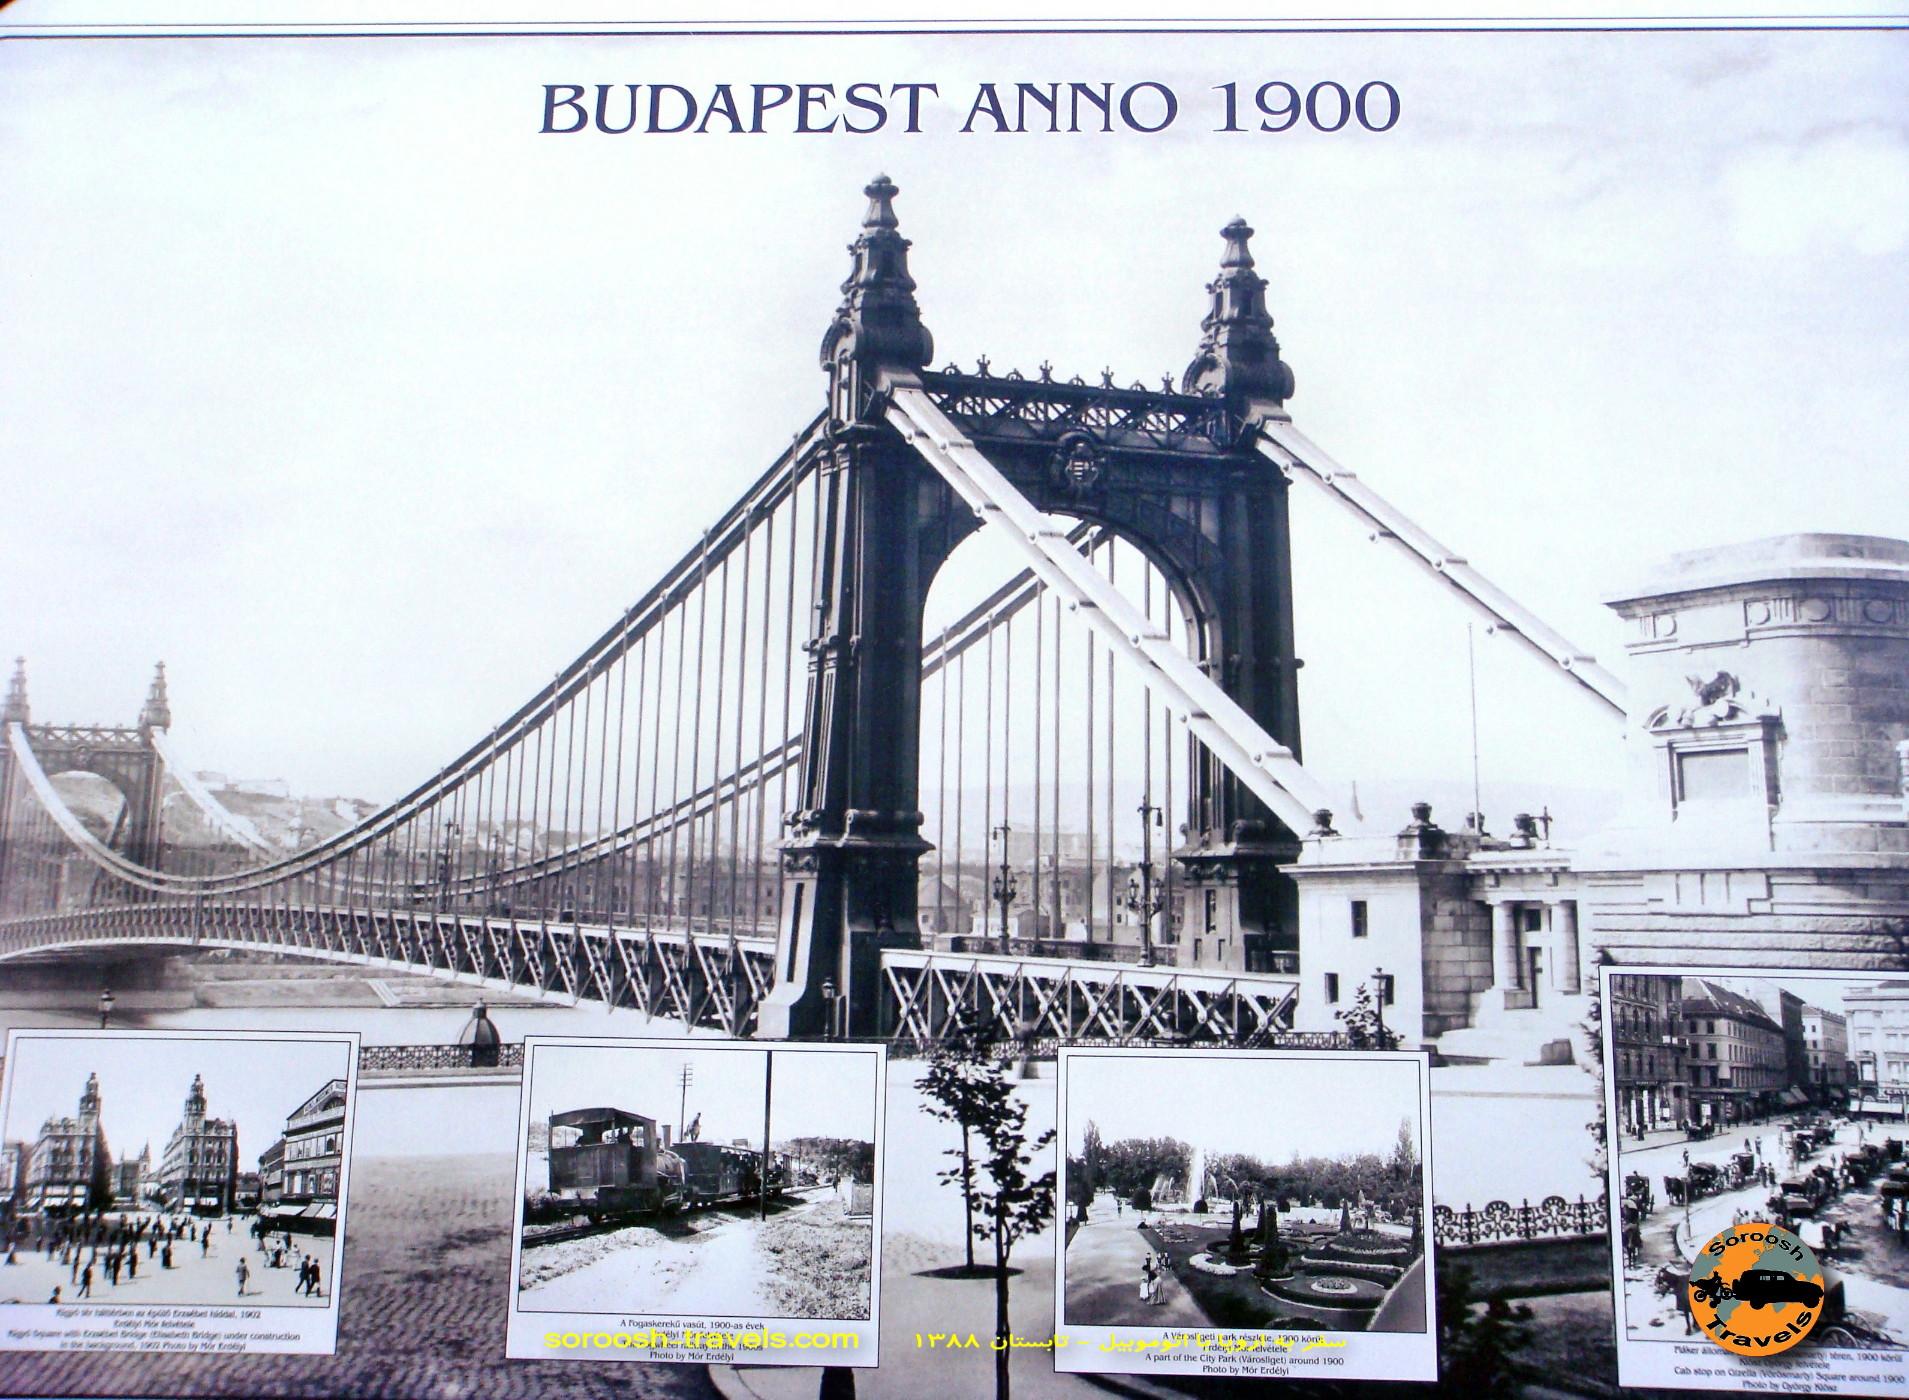 05-mehr-1388-27-september-2009-budapest-10